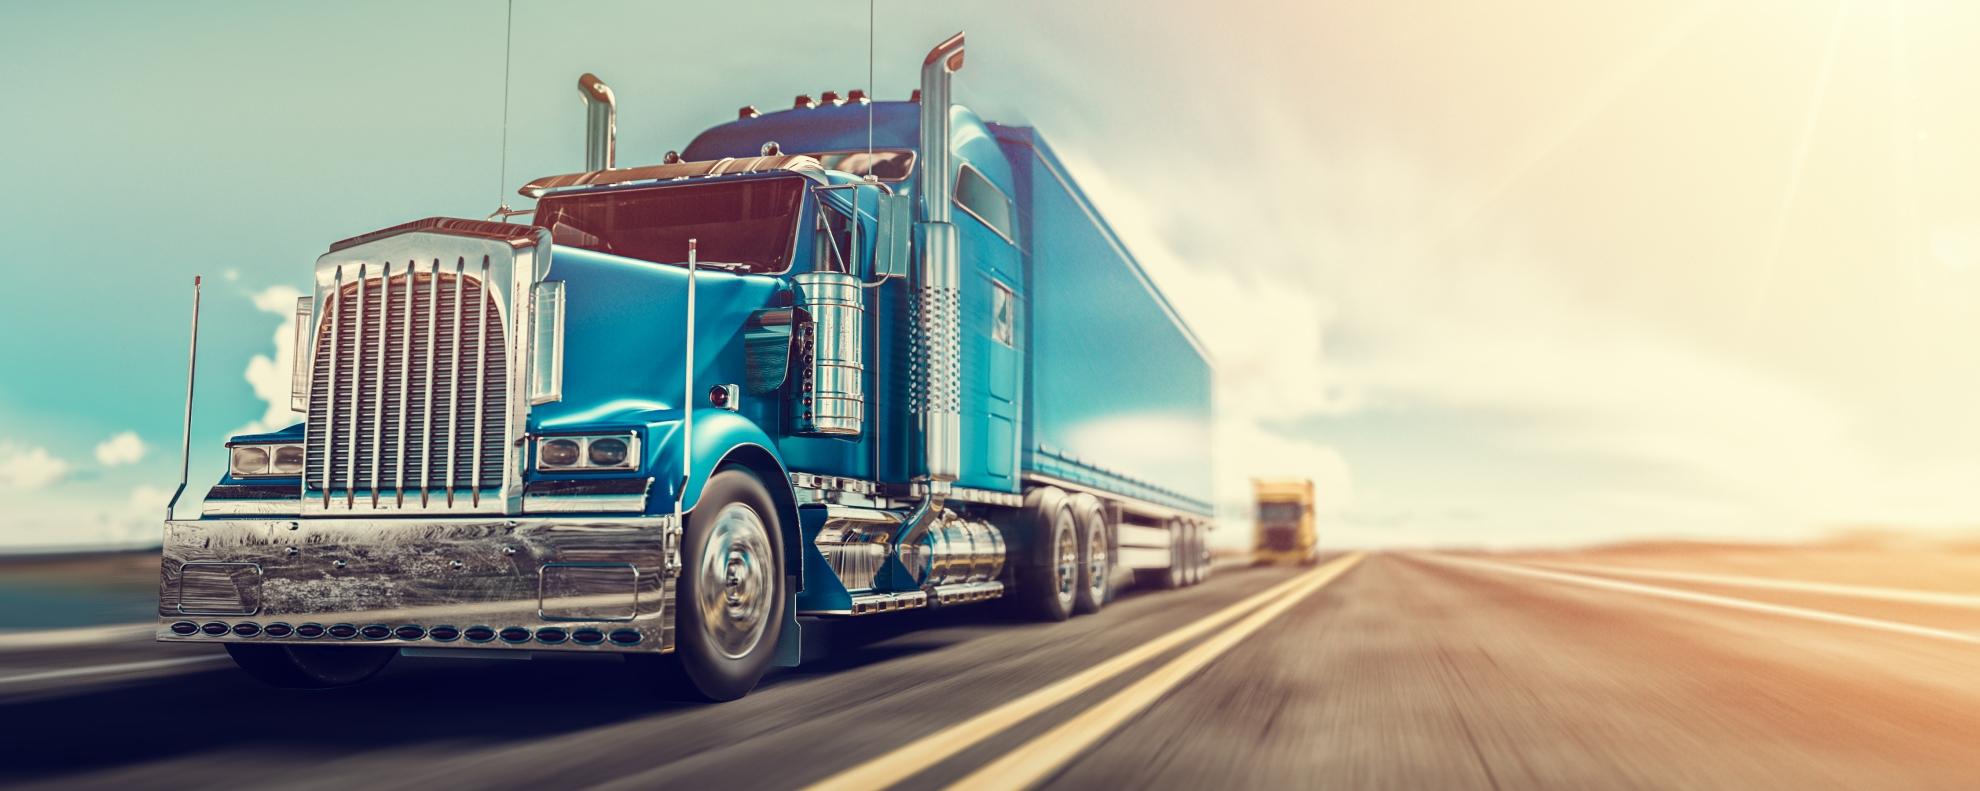 Közúti fuvarozók egyesülete: újabb sofőröket képezhetnek ki további támogatás révén